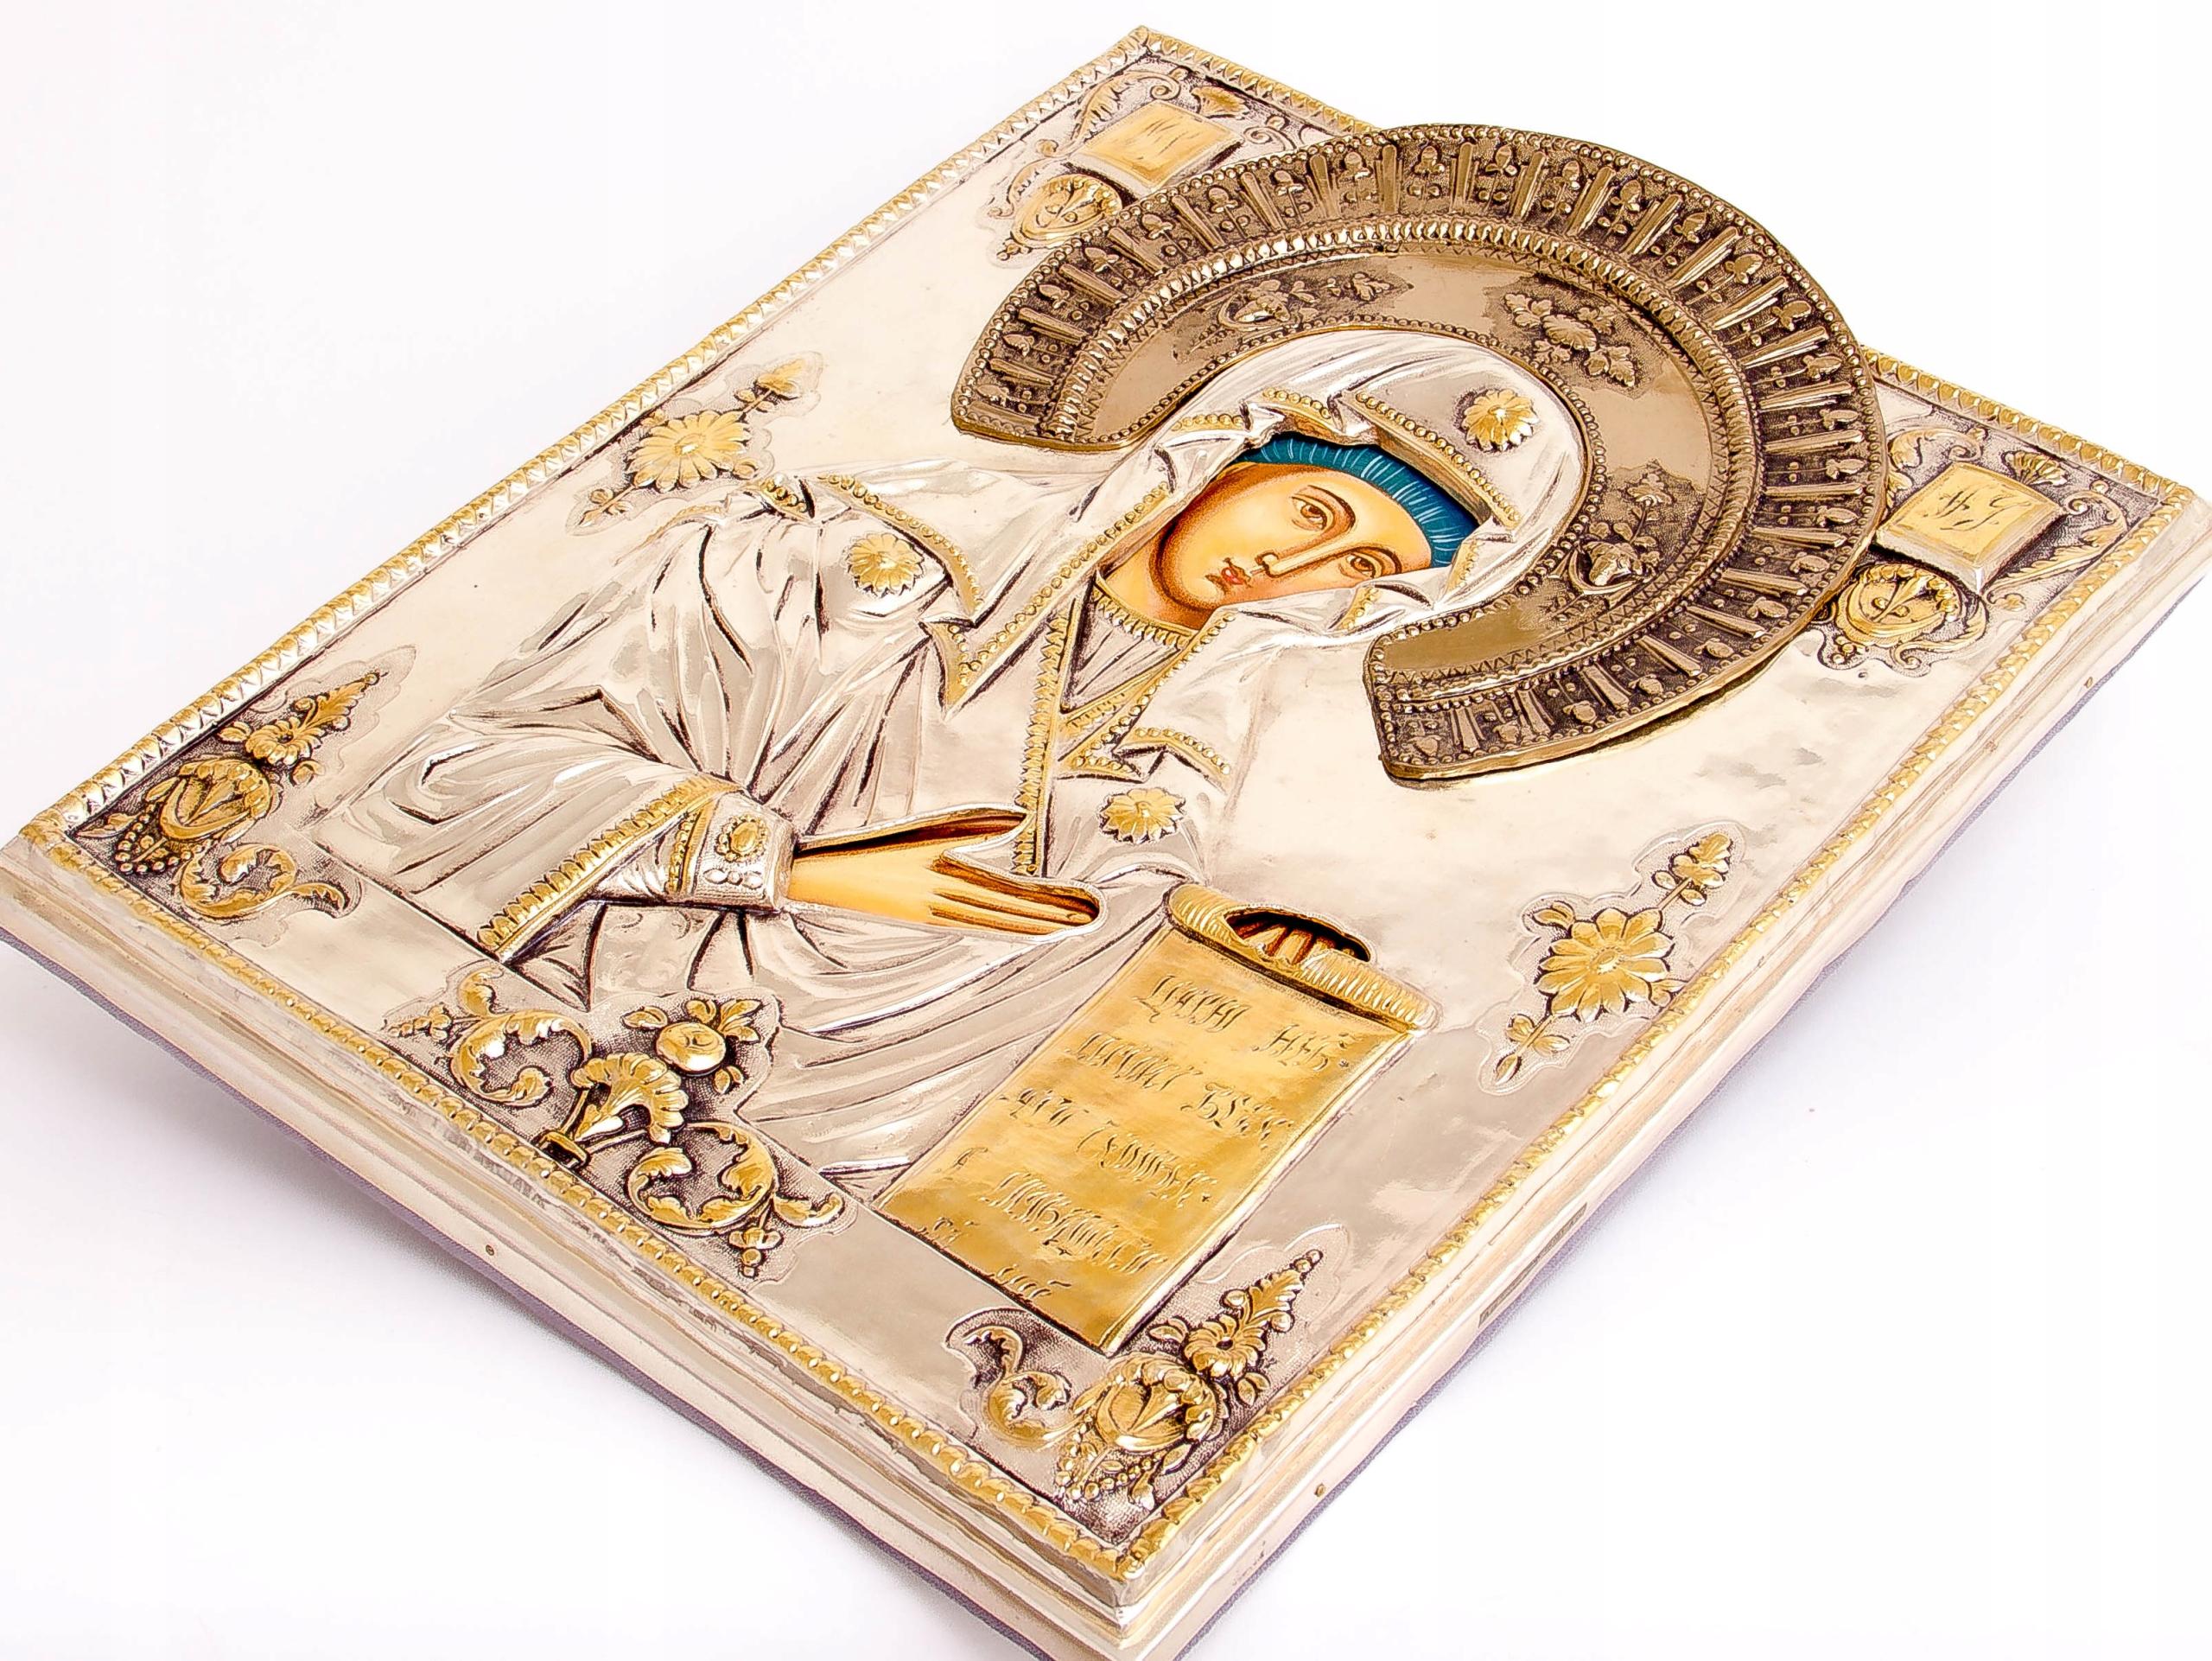 Ikona Matki Bożej Bogolubskiej SREBRO ZŁOTO nr 39 Artysta ABA Cuprum Piotr Adamczyk